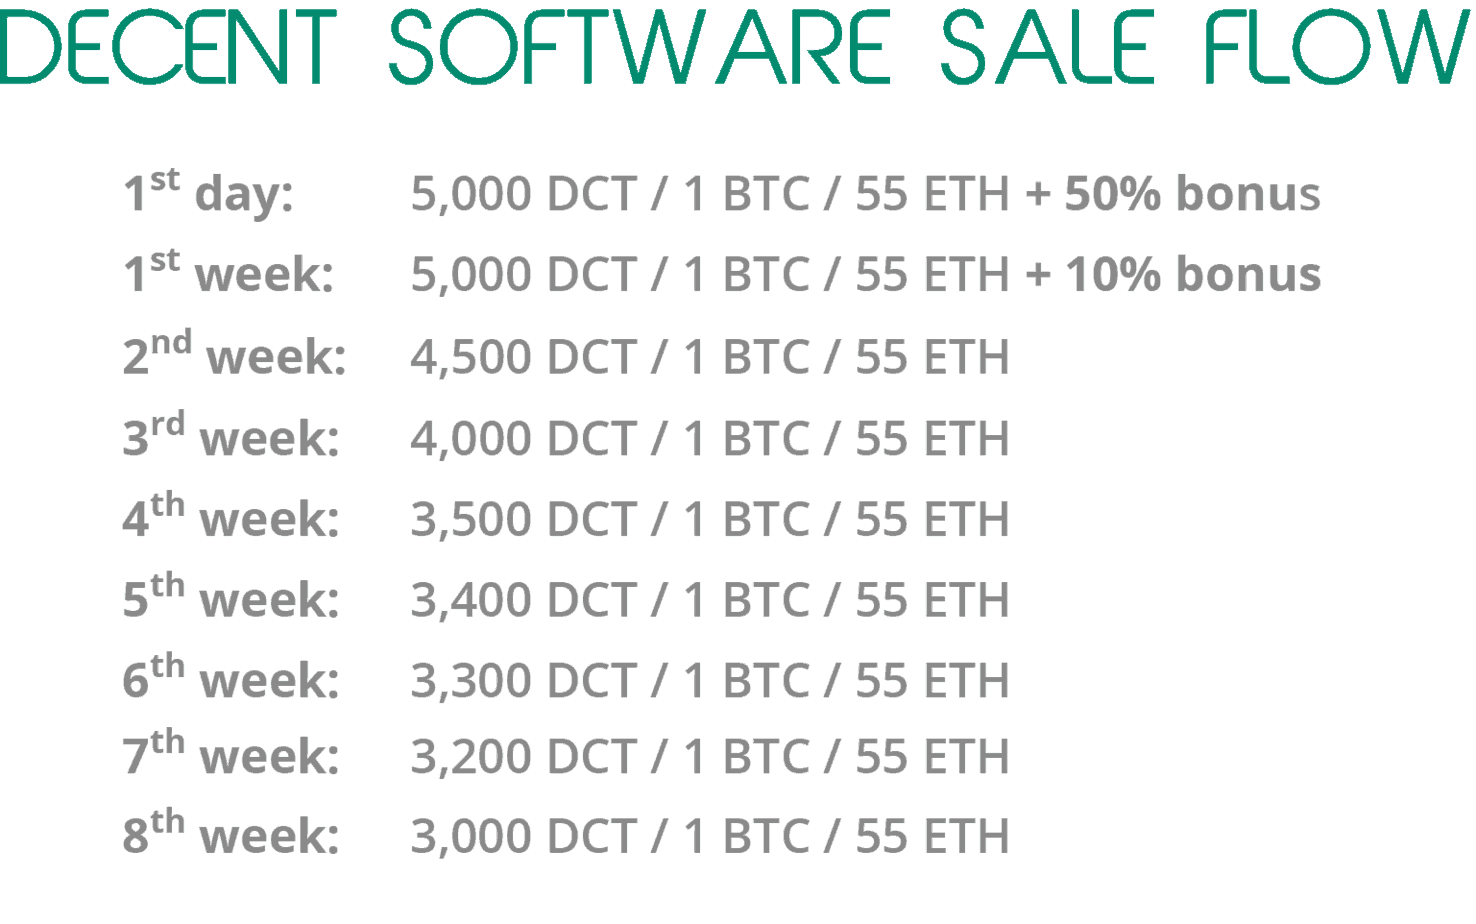 sale-flow-3